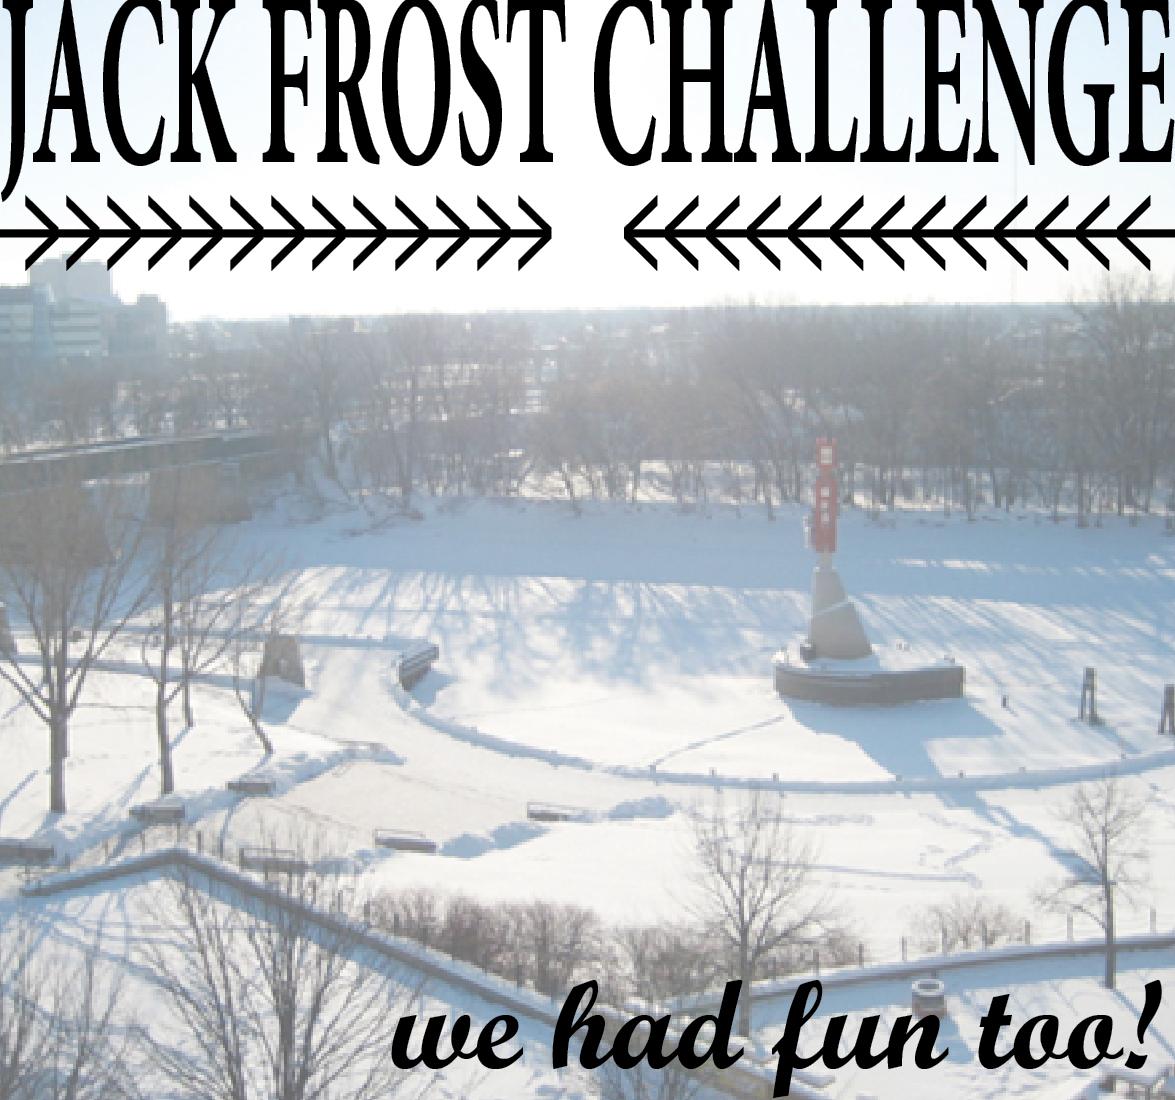 Jack Frost Challenge: staff testimonials